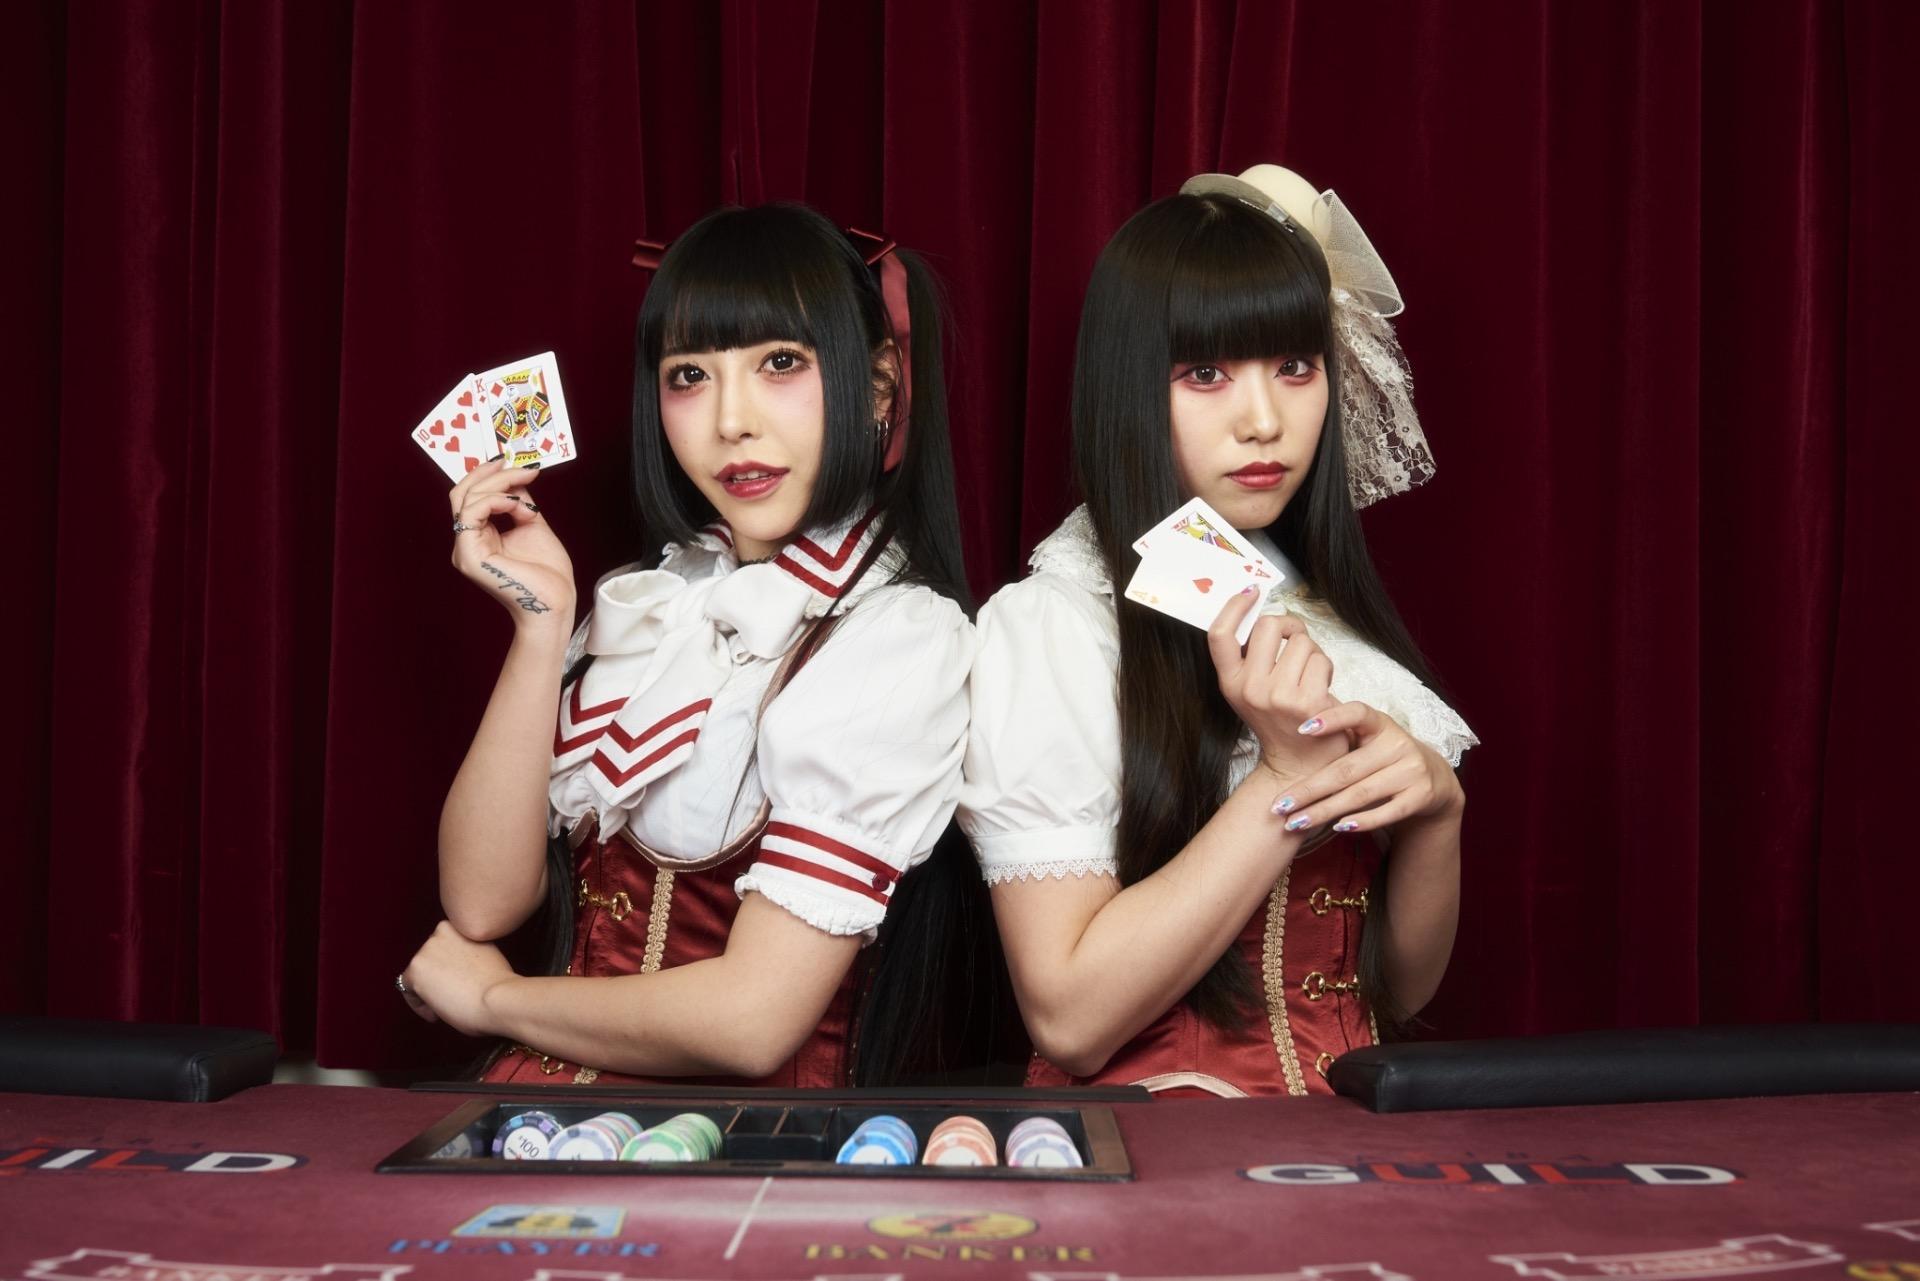 Amusement casino (Casino Dealer)